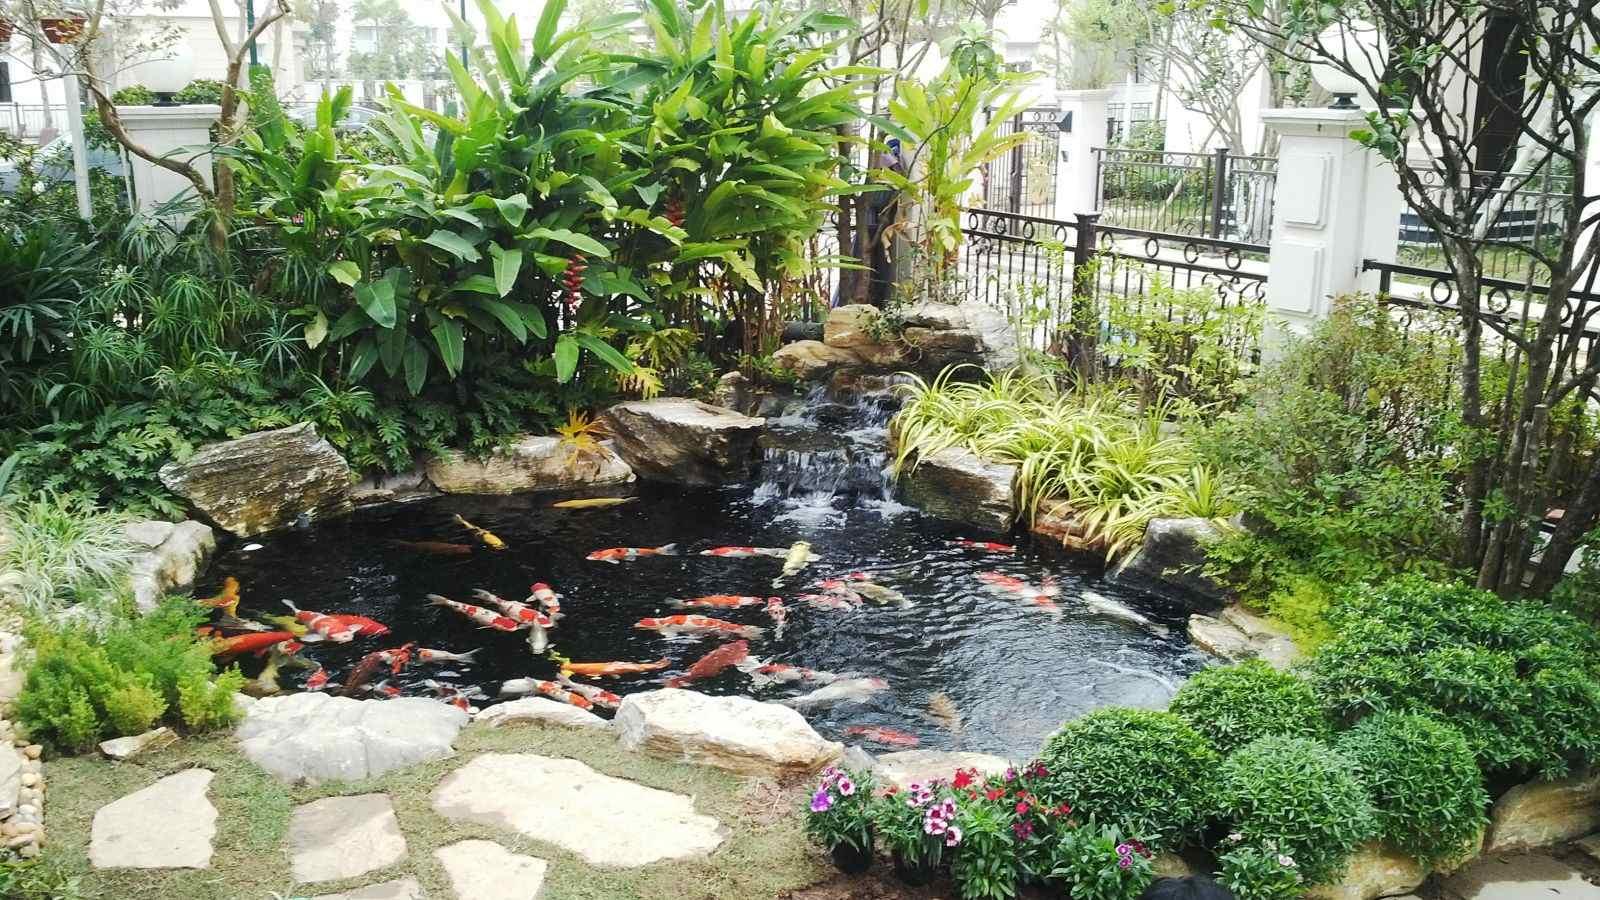 Hồ cá sân vườn nhỏ tạo nên nét đẹp riêng của ngôi nhà